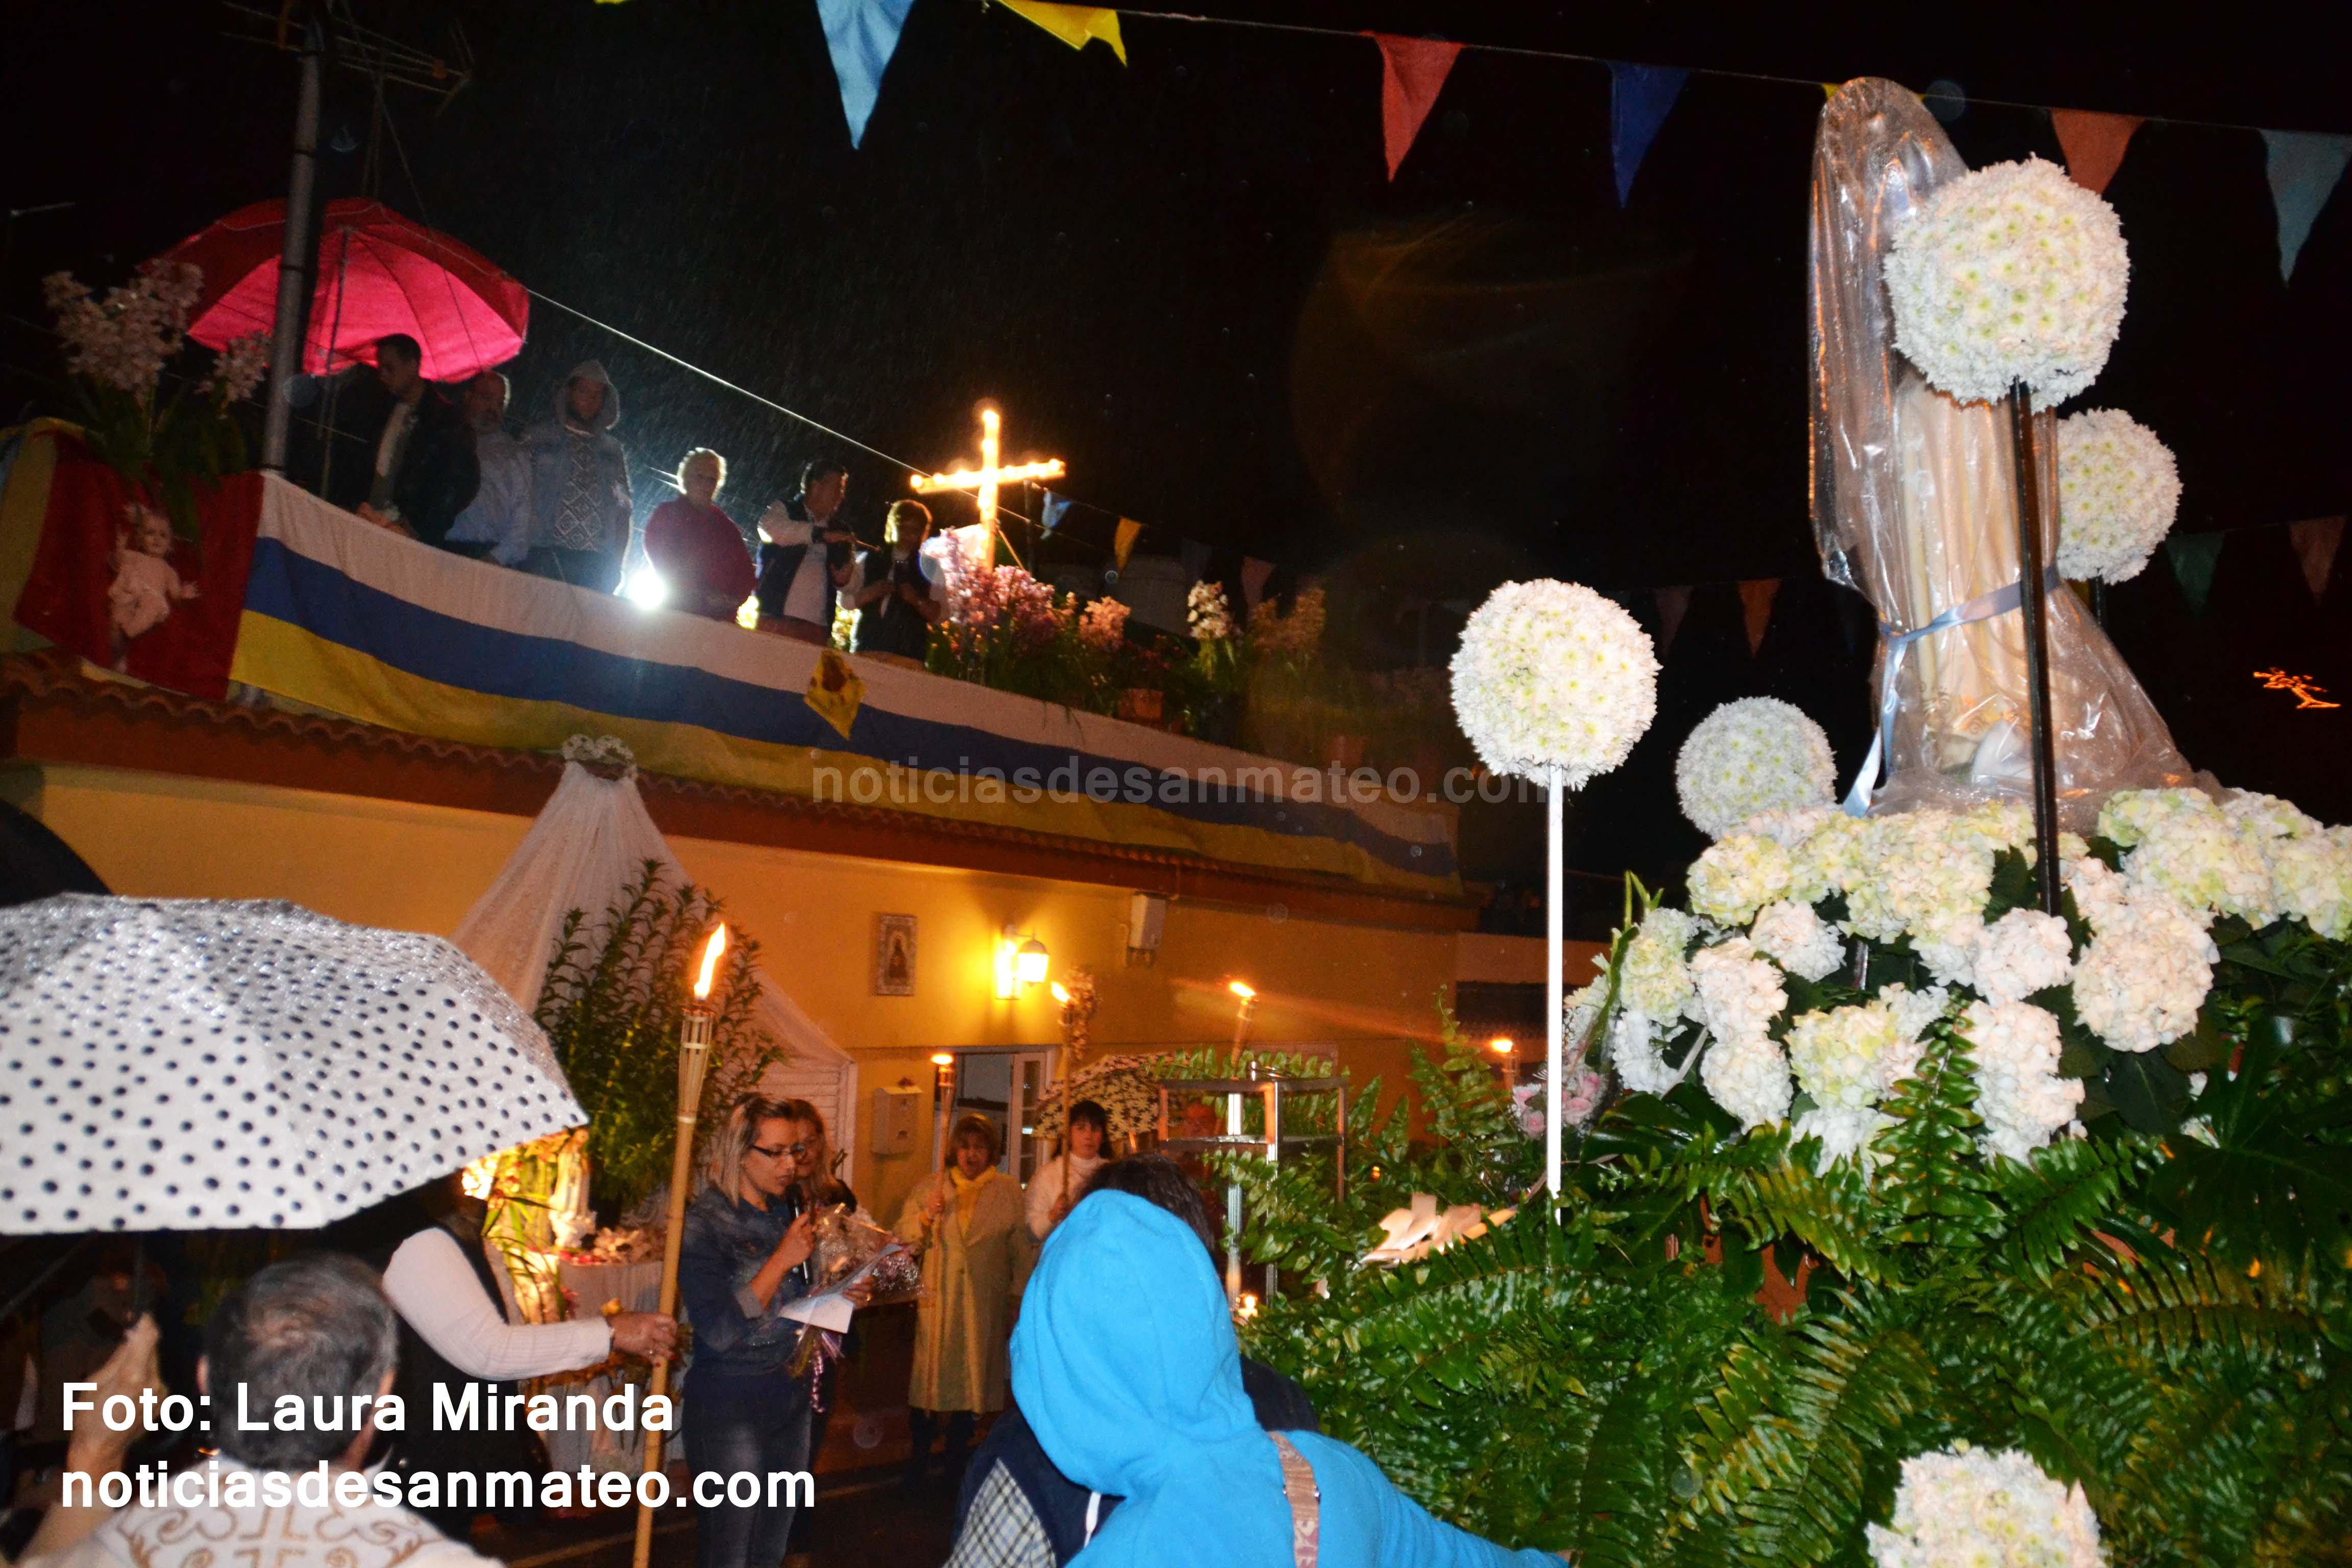 Procesion Virgen de Fatima La Higuera 2017